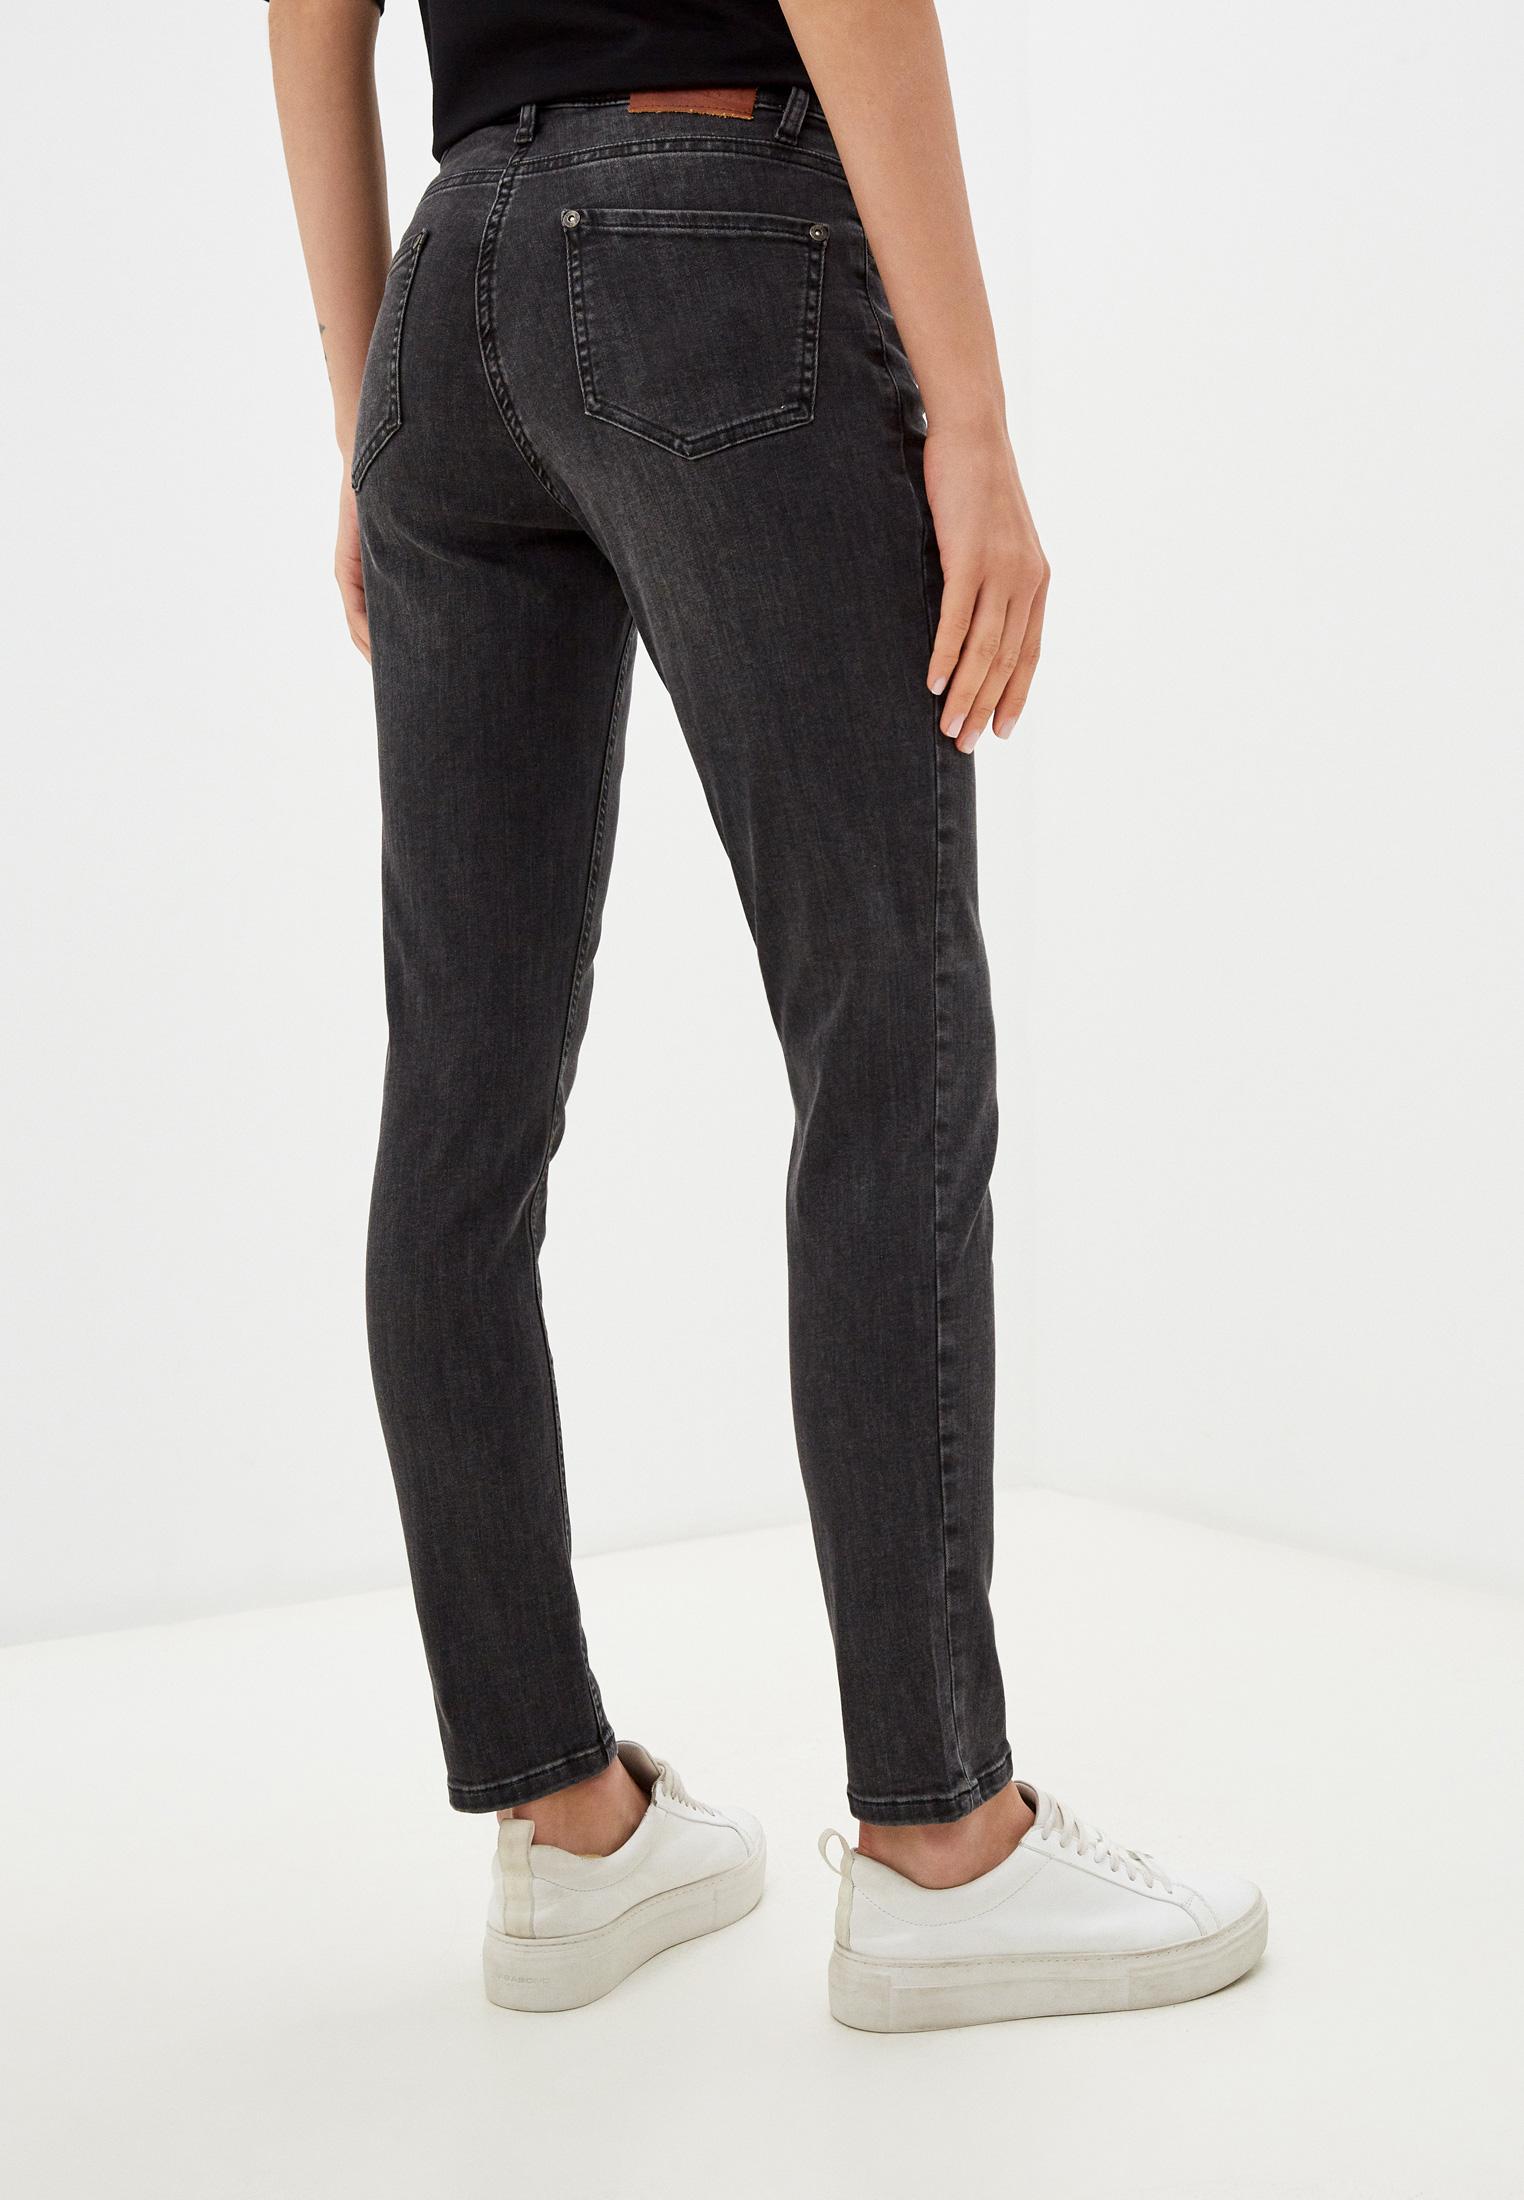 Зауженные джинсы Betty Barclay 6355/1065: изображение 3